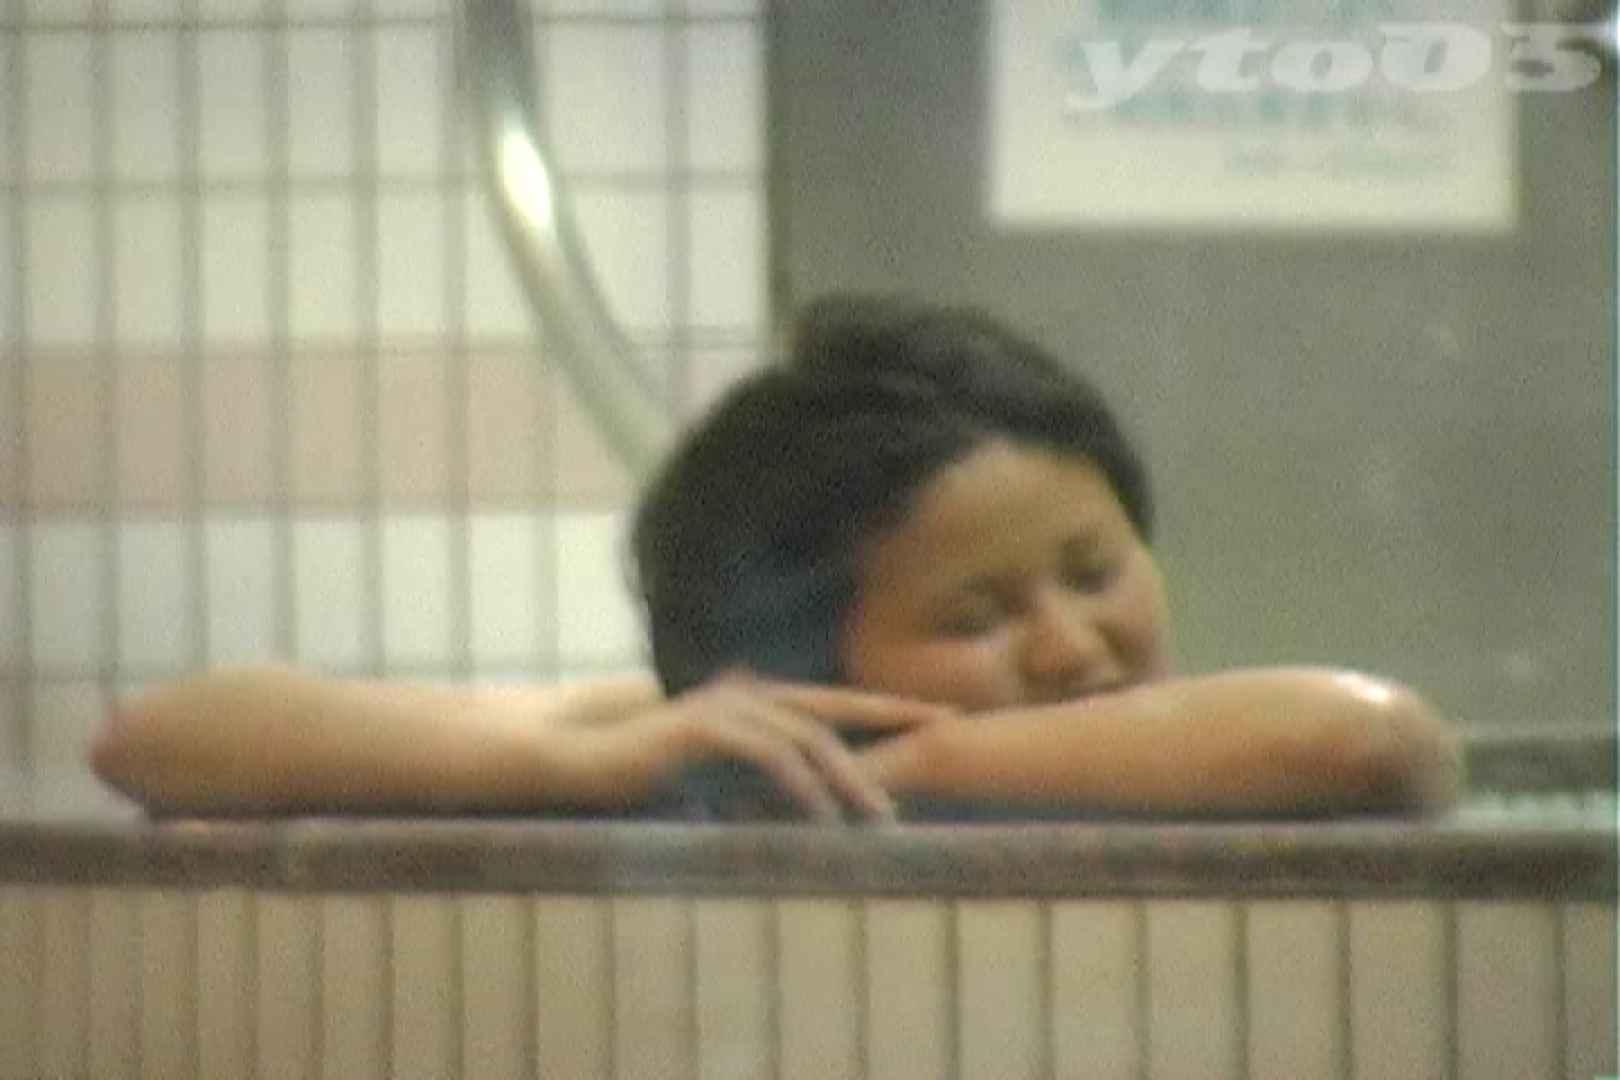 ▲復活限定▲合宿ホテル女風呂盗撮 Vol.30 盛合せ オマンコ動画キャプチャ 77画像 67